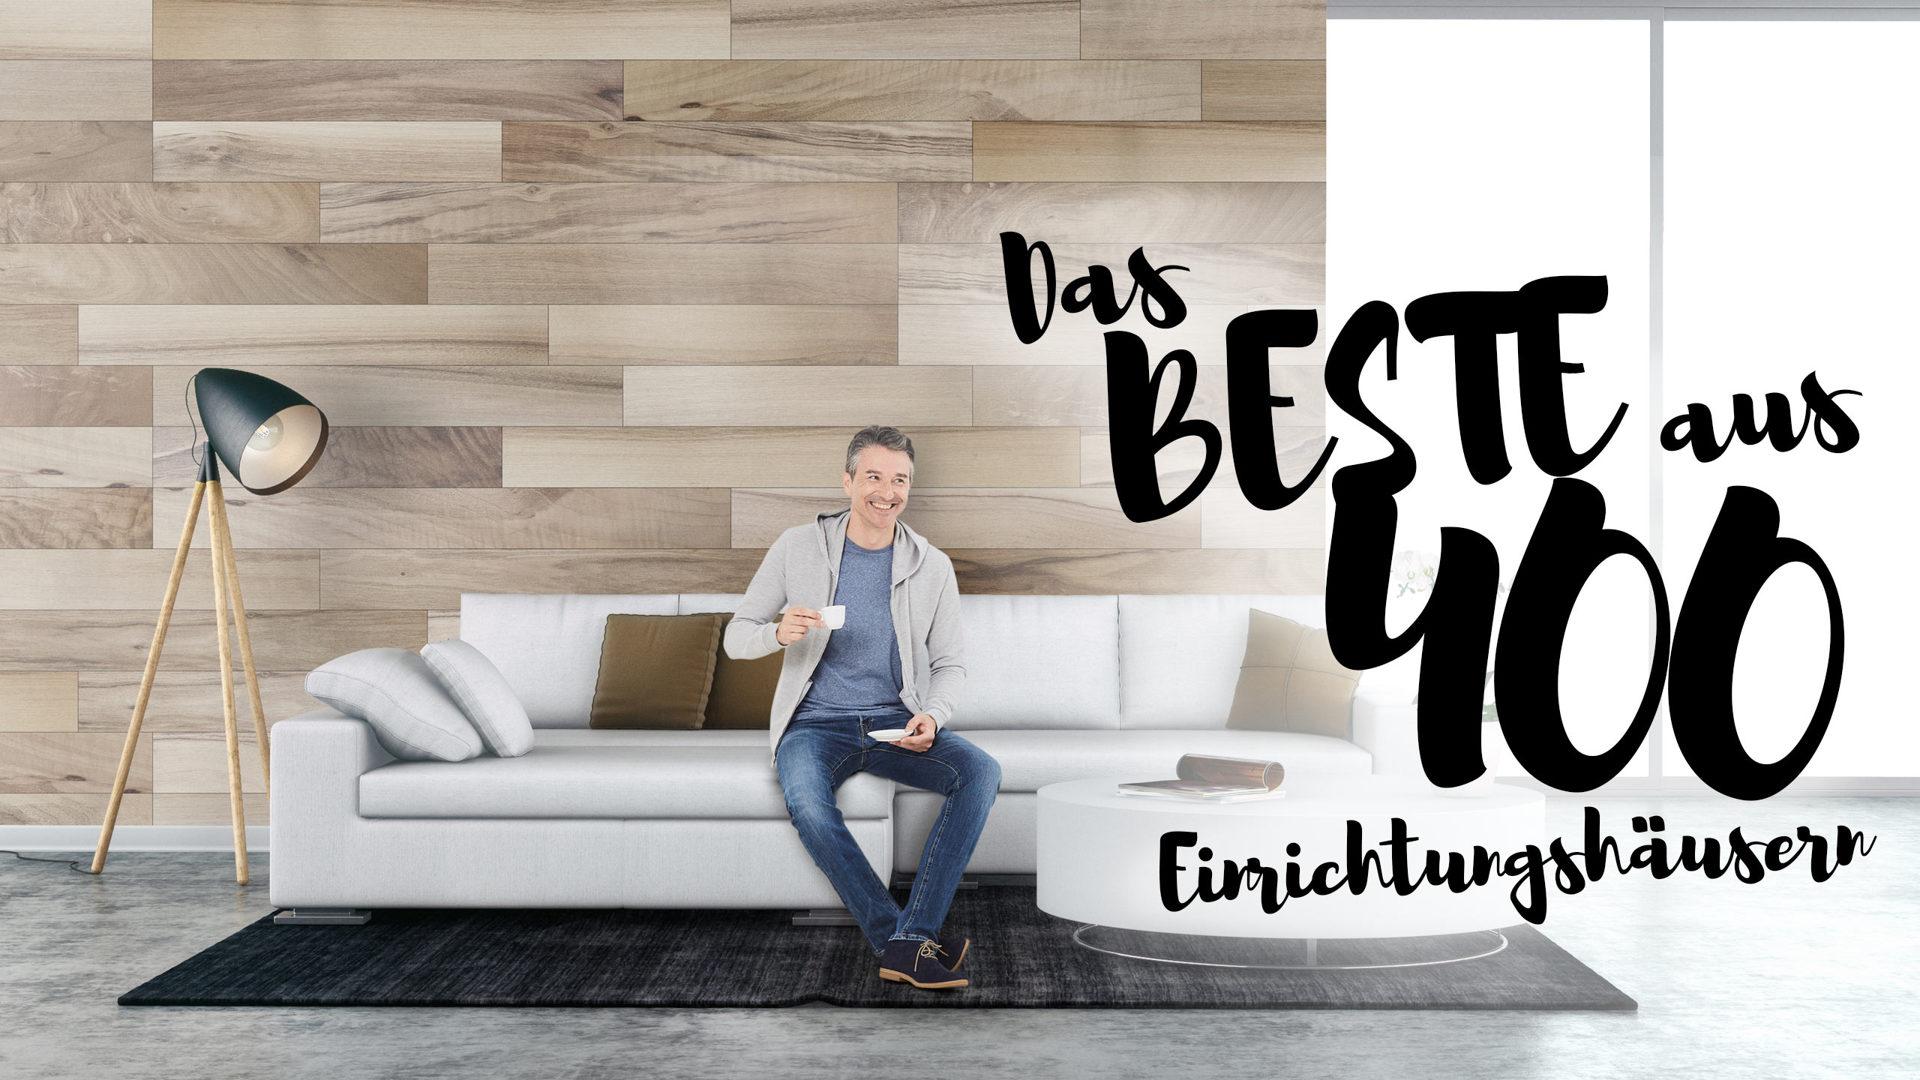 EINRICHTUNGSPARTNERRING Interliving, Möbel, Küchen, Sofa, Lampen ...